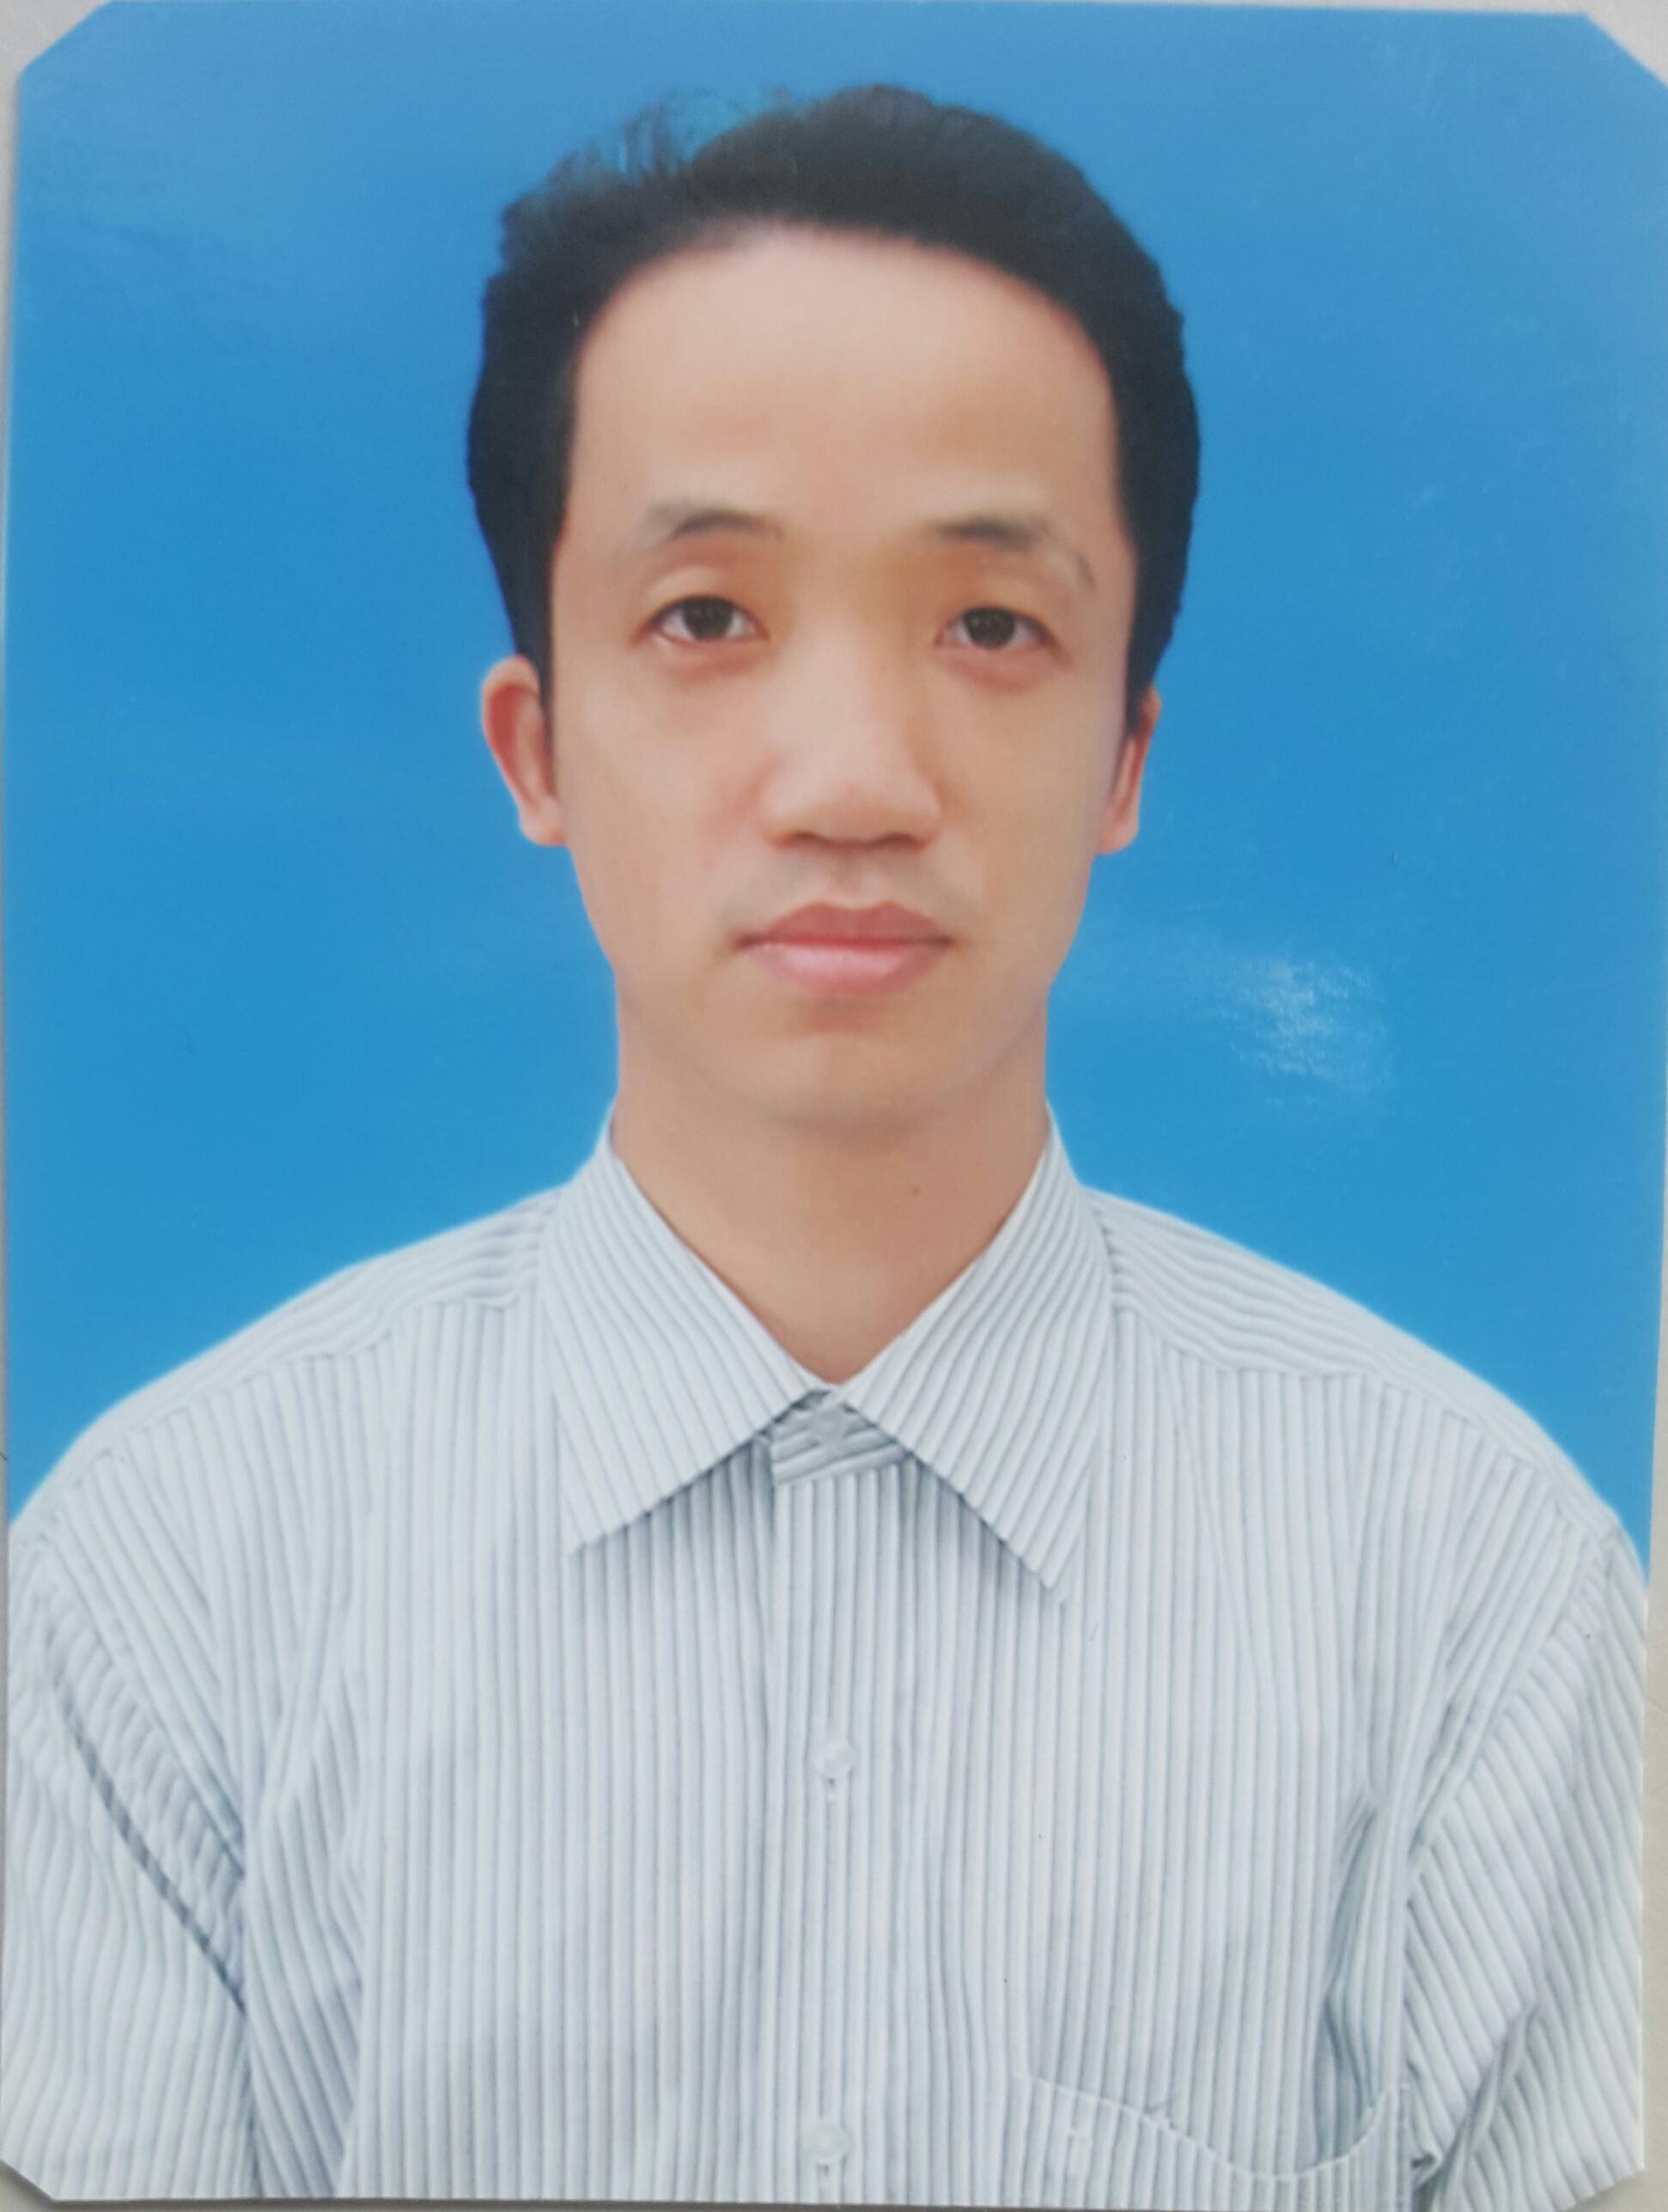 Nguyễn Tiến Hưng